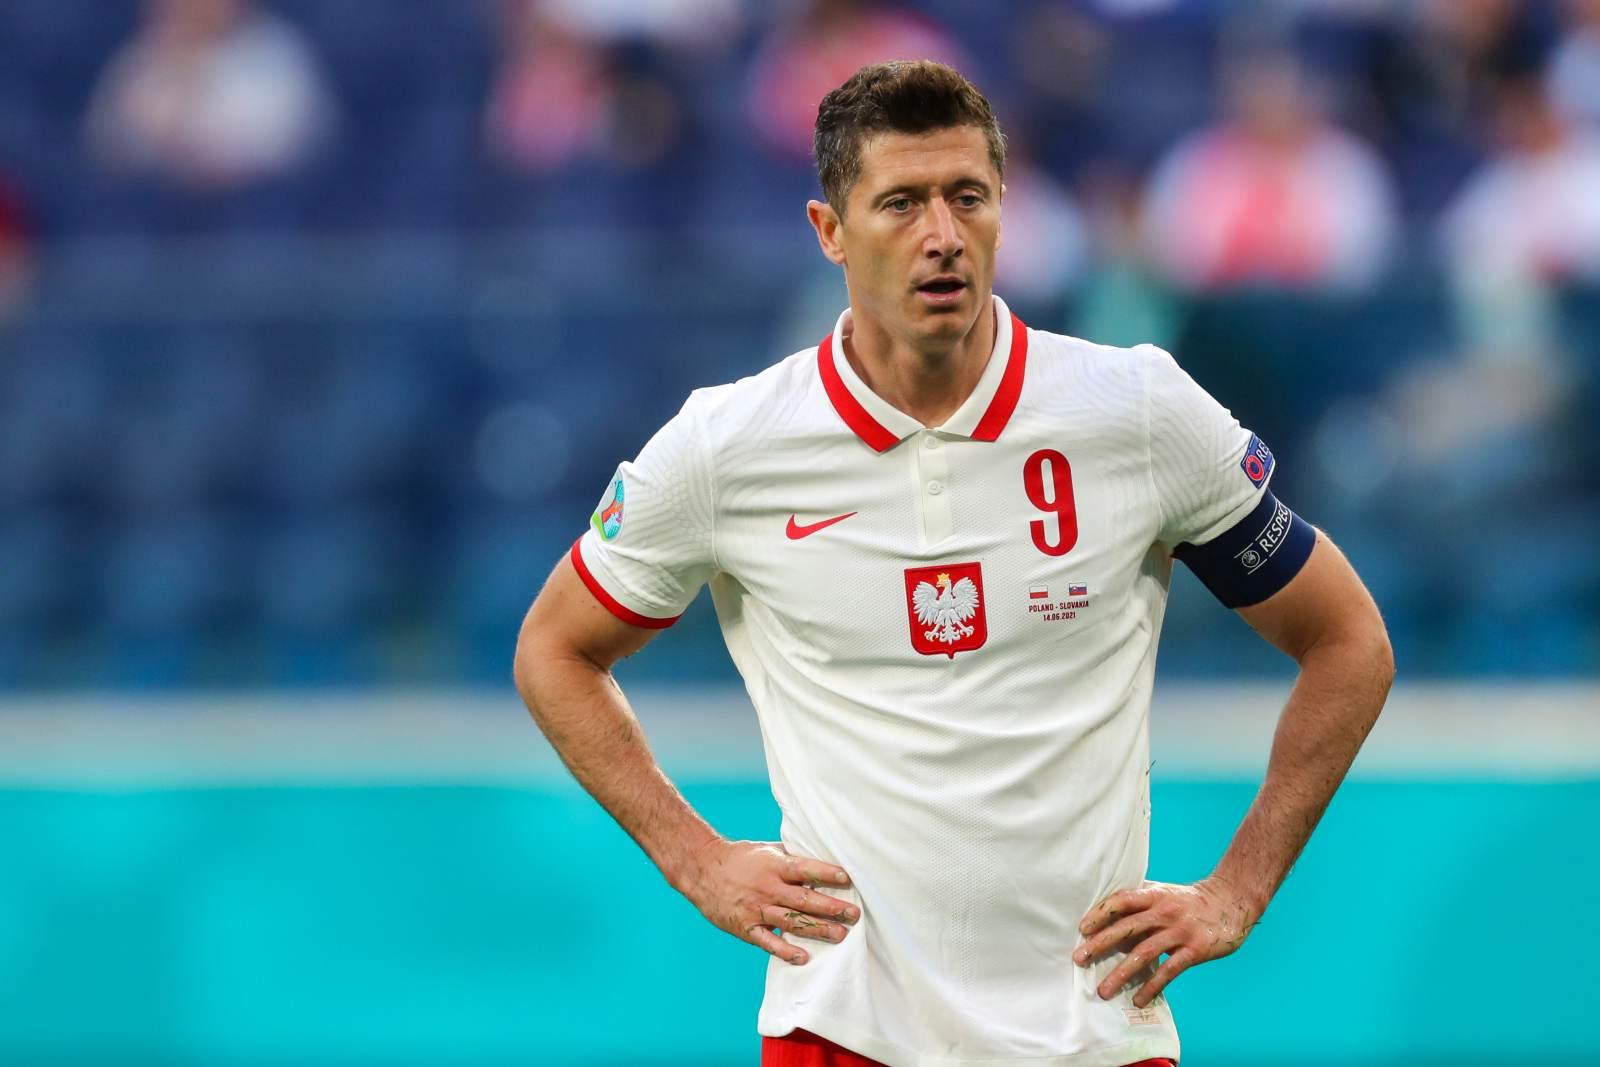 Классон классно принёс Швеции первое место, Левандовски не вытащил Польшу в плей-офф